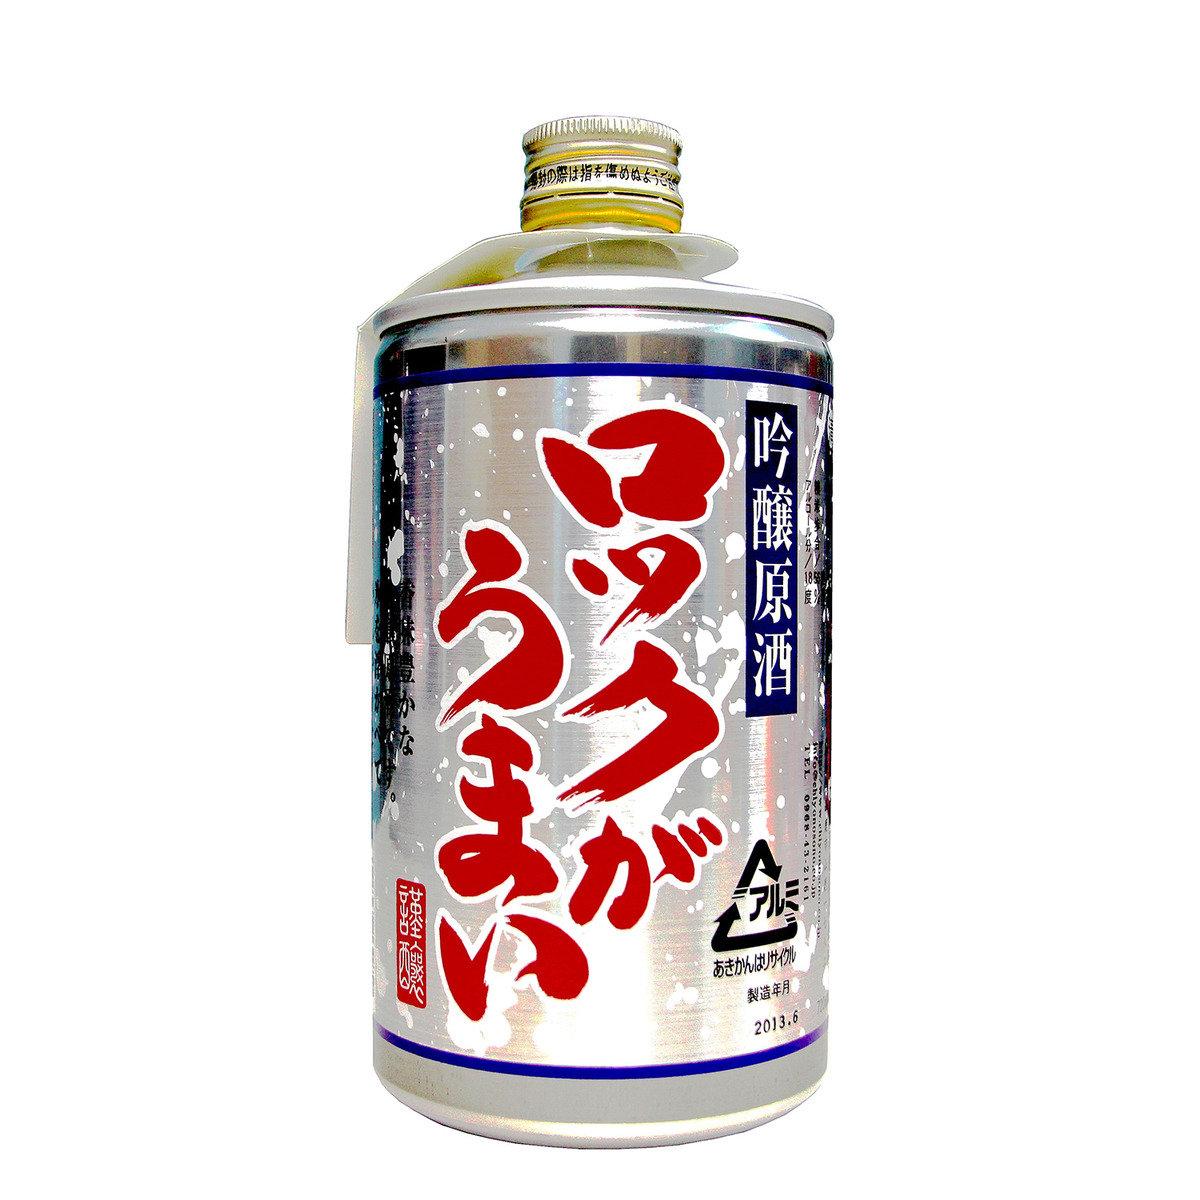 熊本 吟釀原酒 'On-Rock' (720毫升)